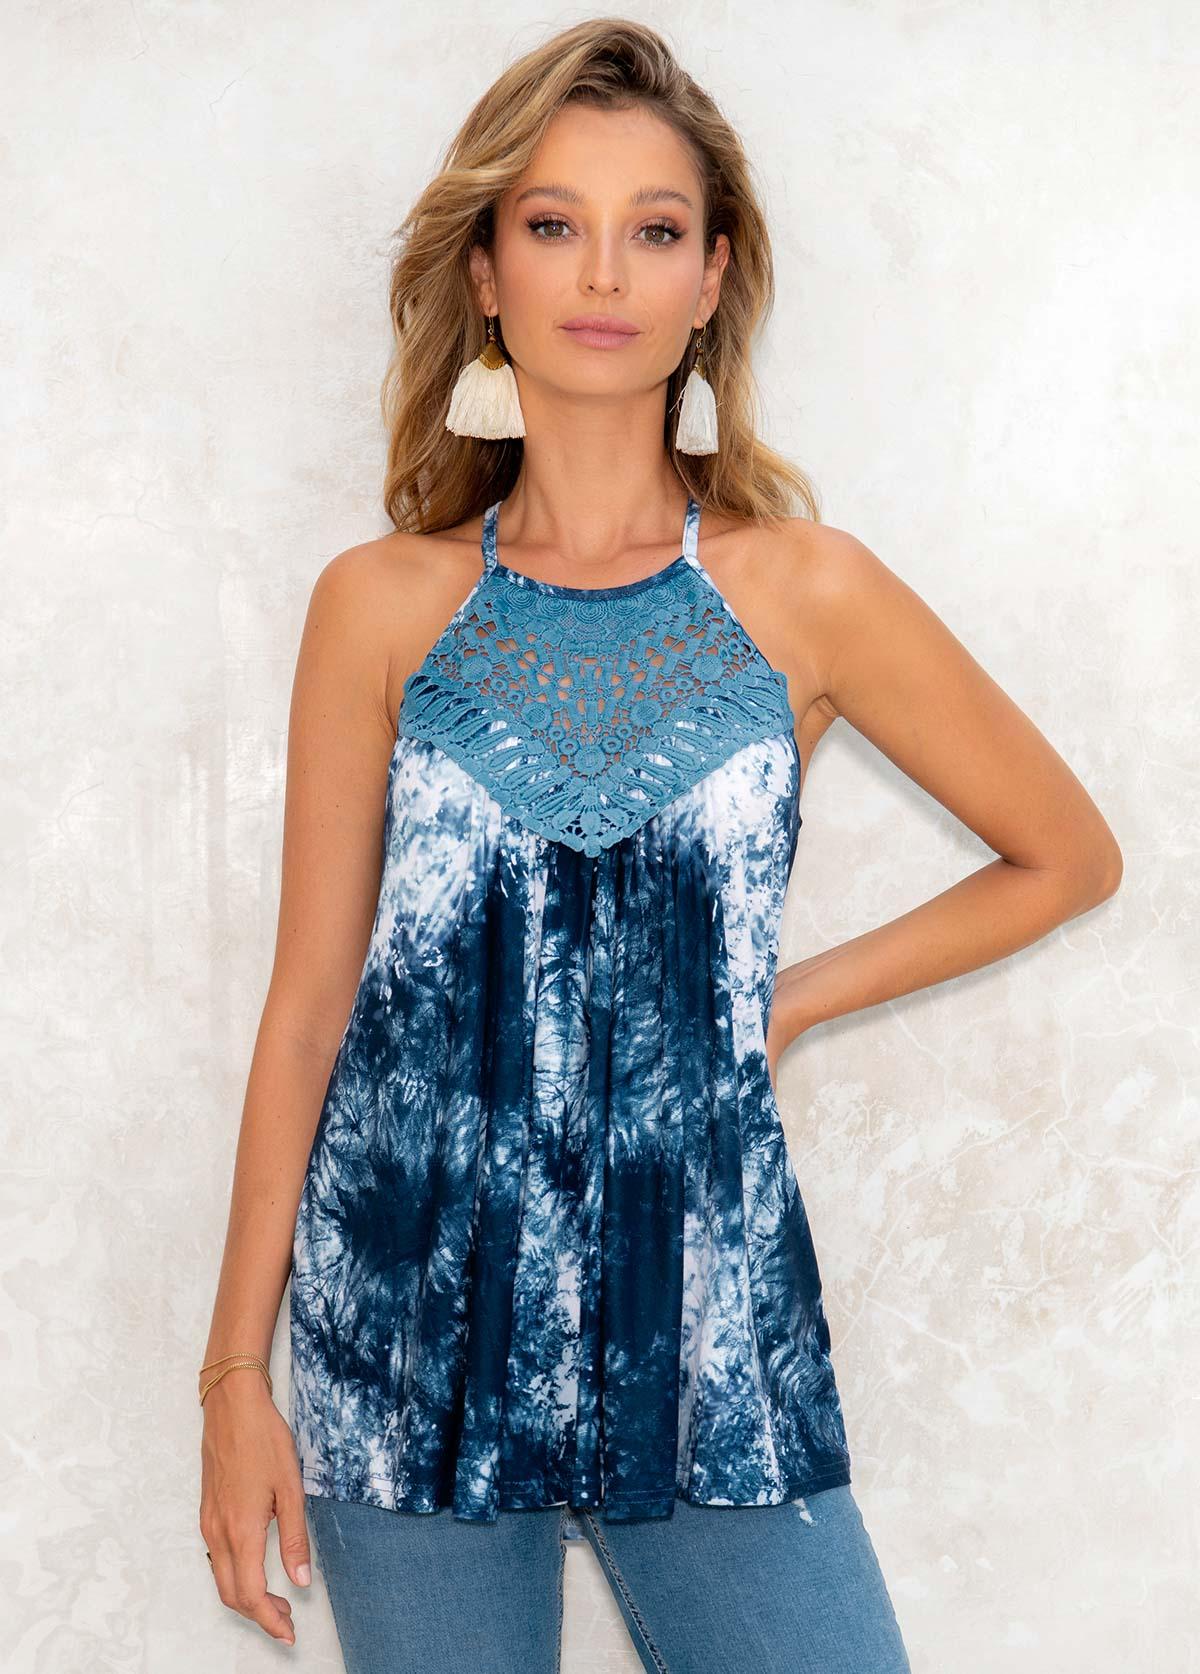 Lace Stitching Tie Dye Print Cutout Tank Top